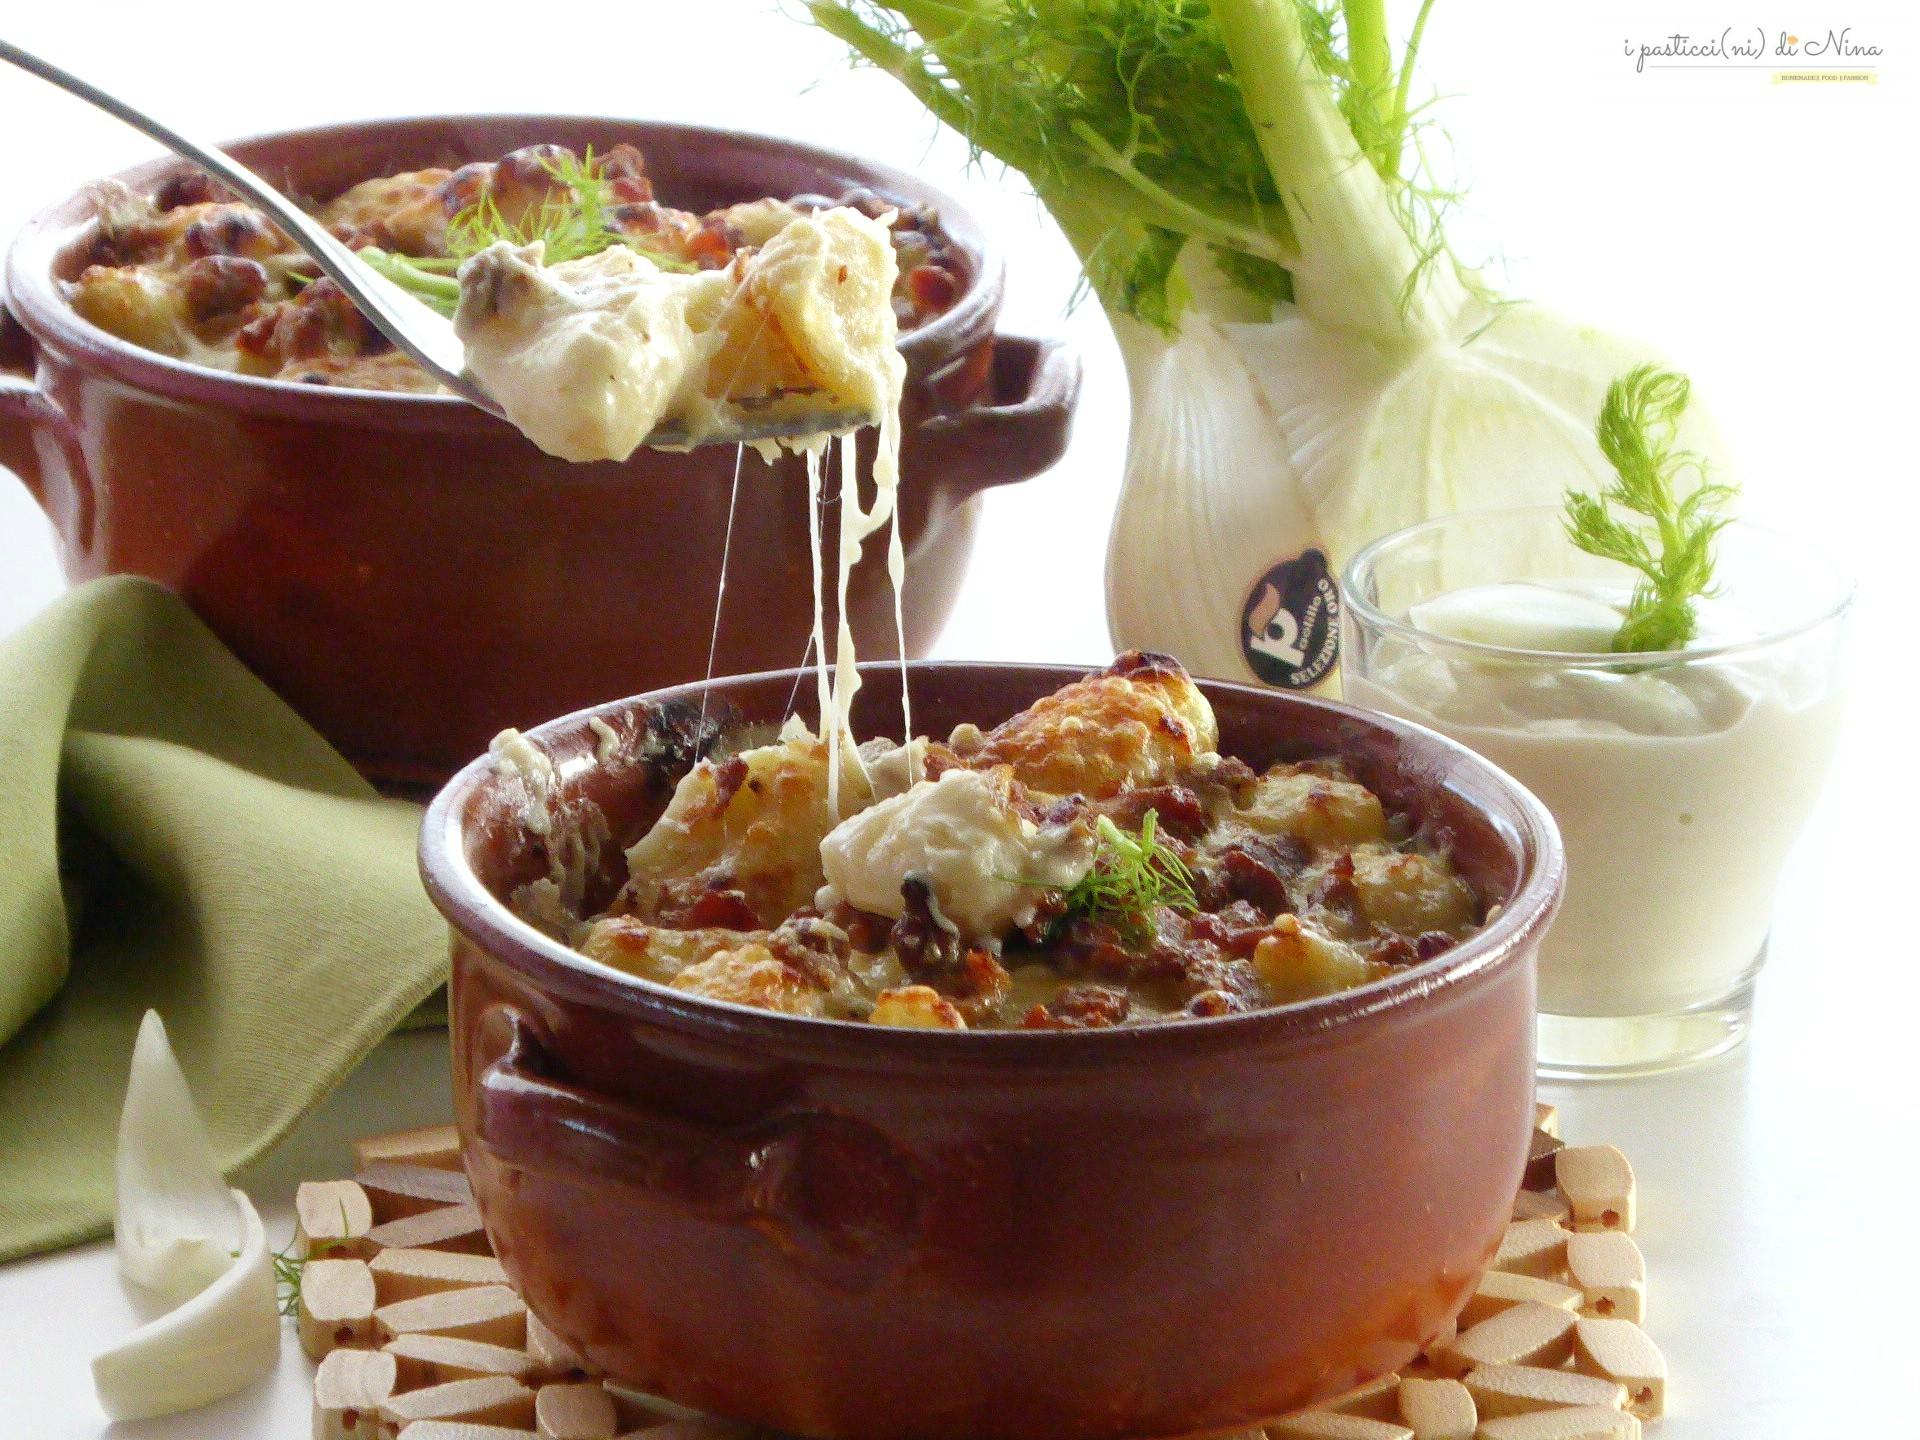 gnocchi al tegamino con crema di finocchi e salsiccia